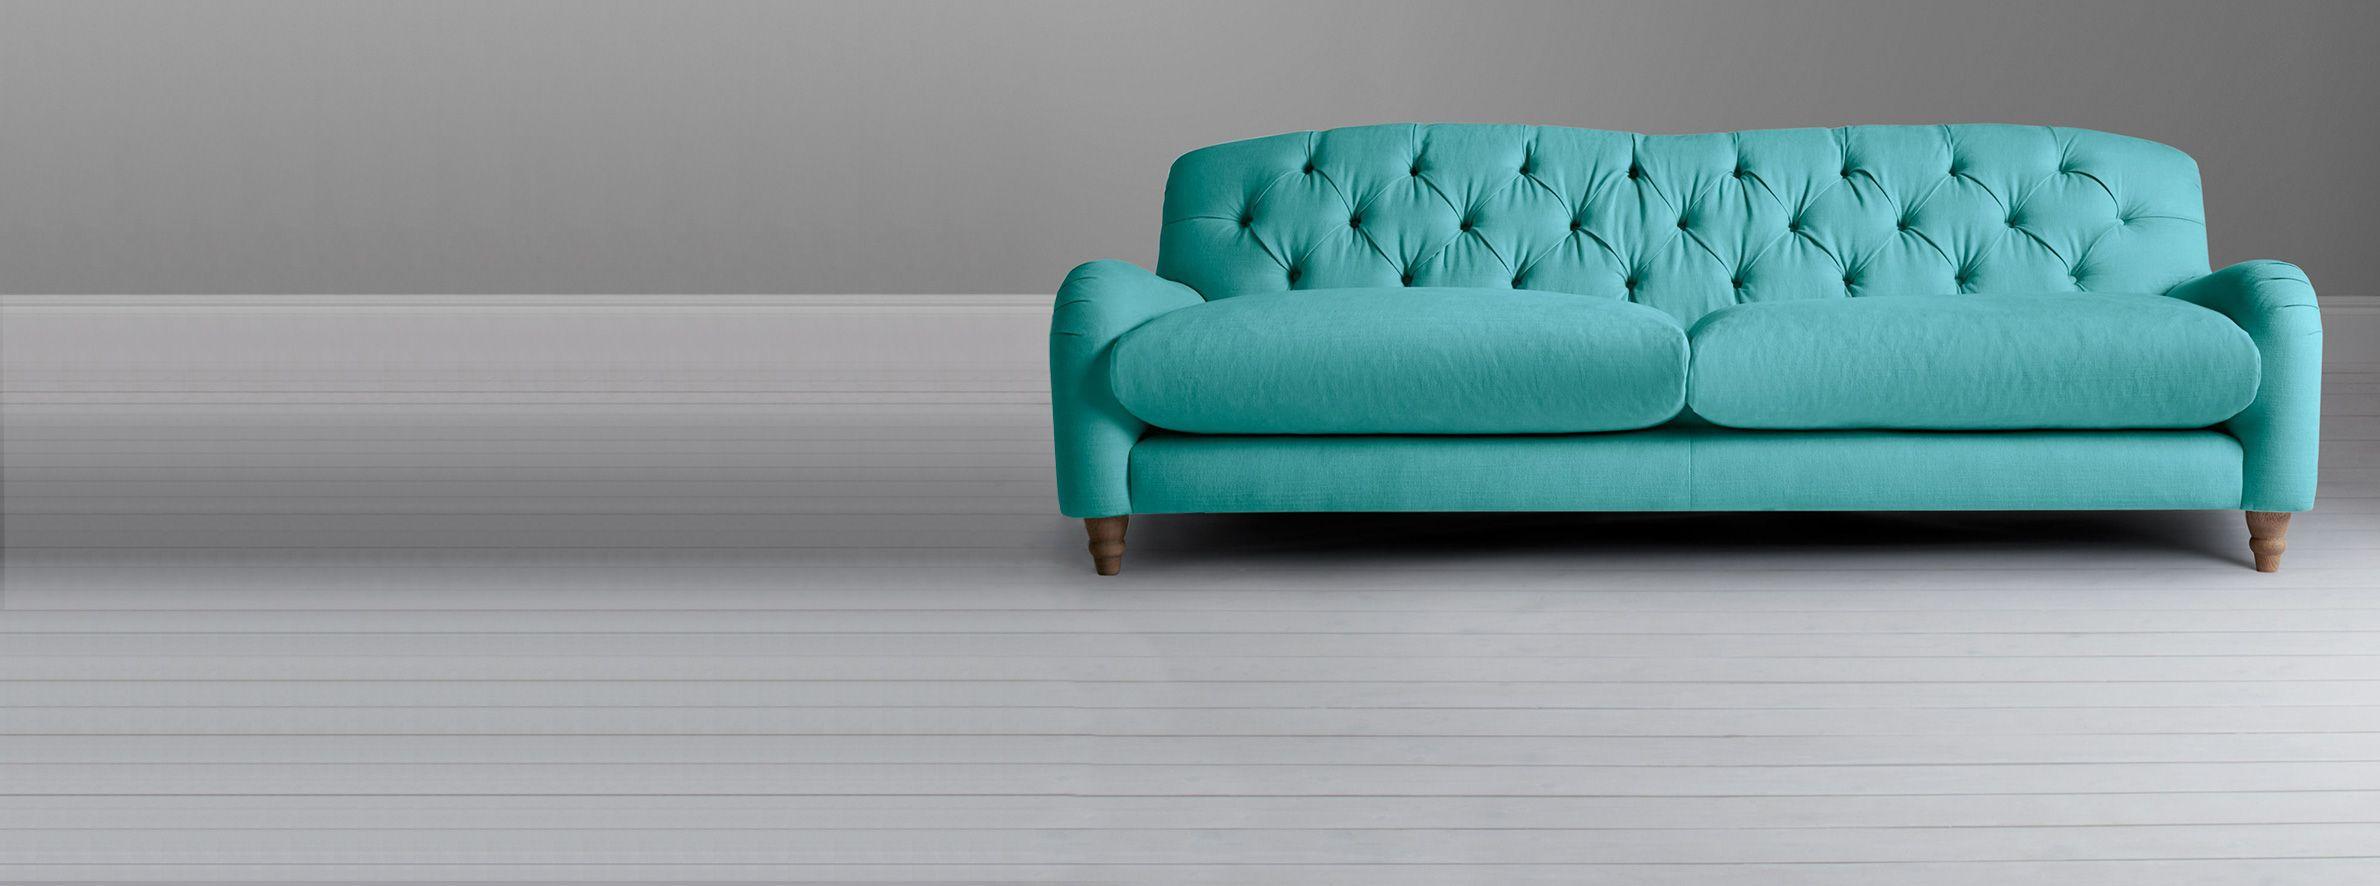 Leather | Sofas & Armchairs | John Lewis